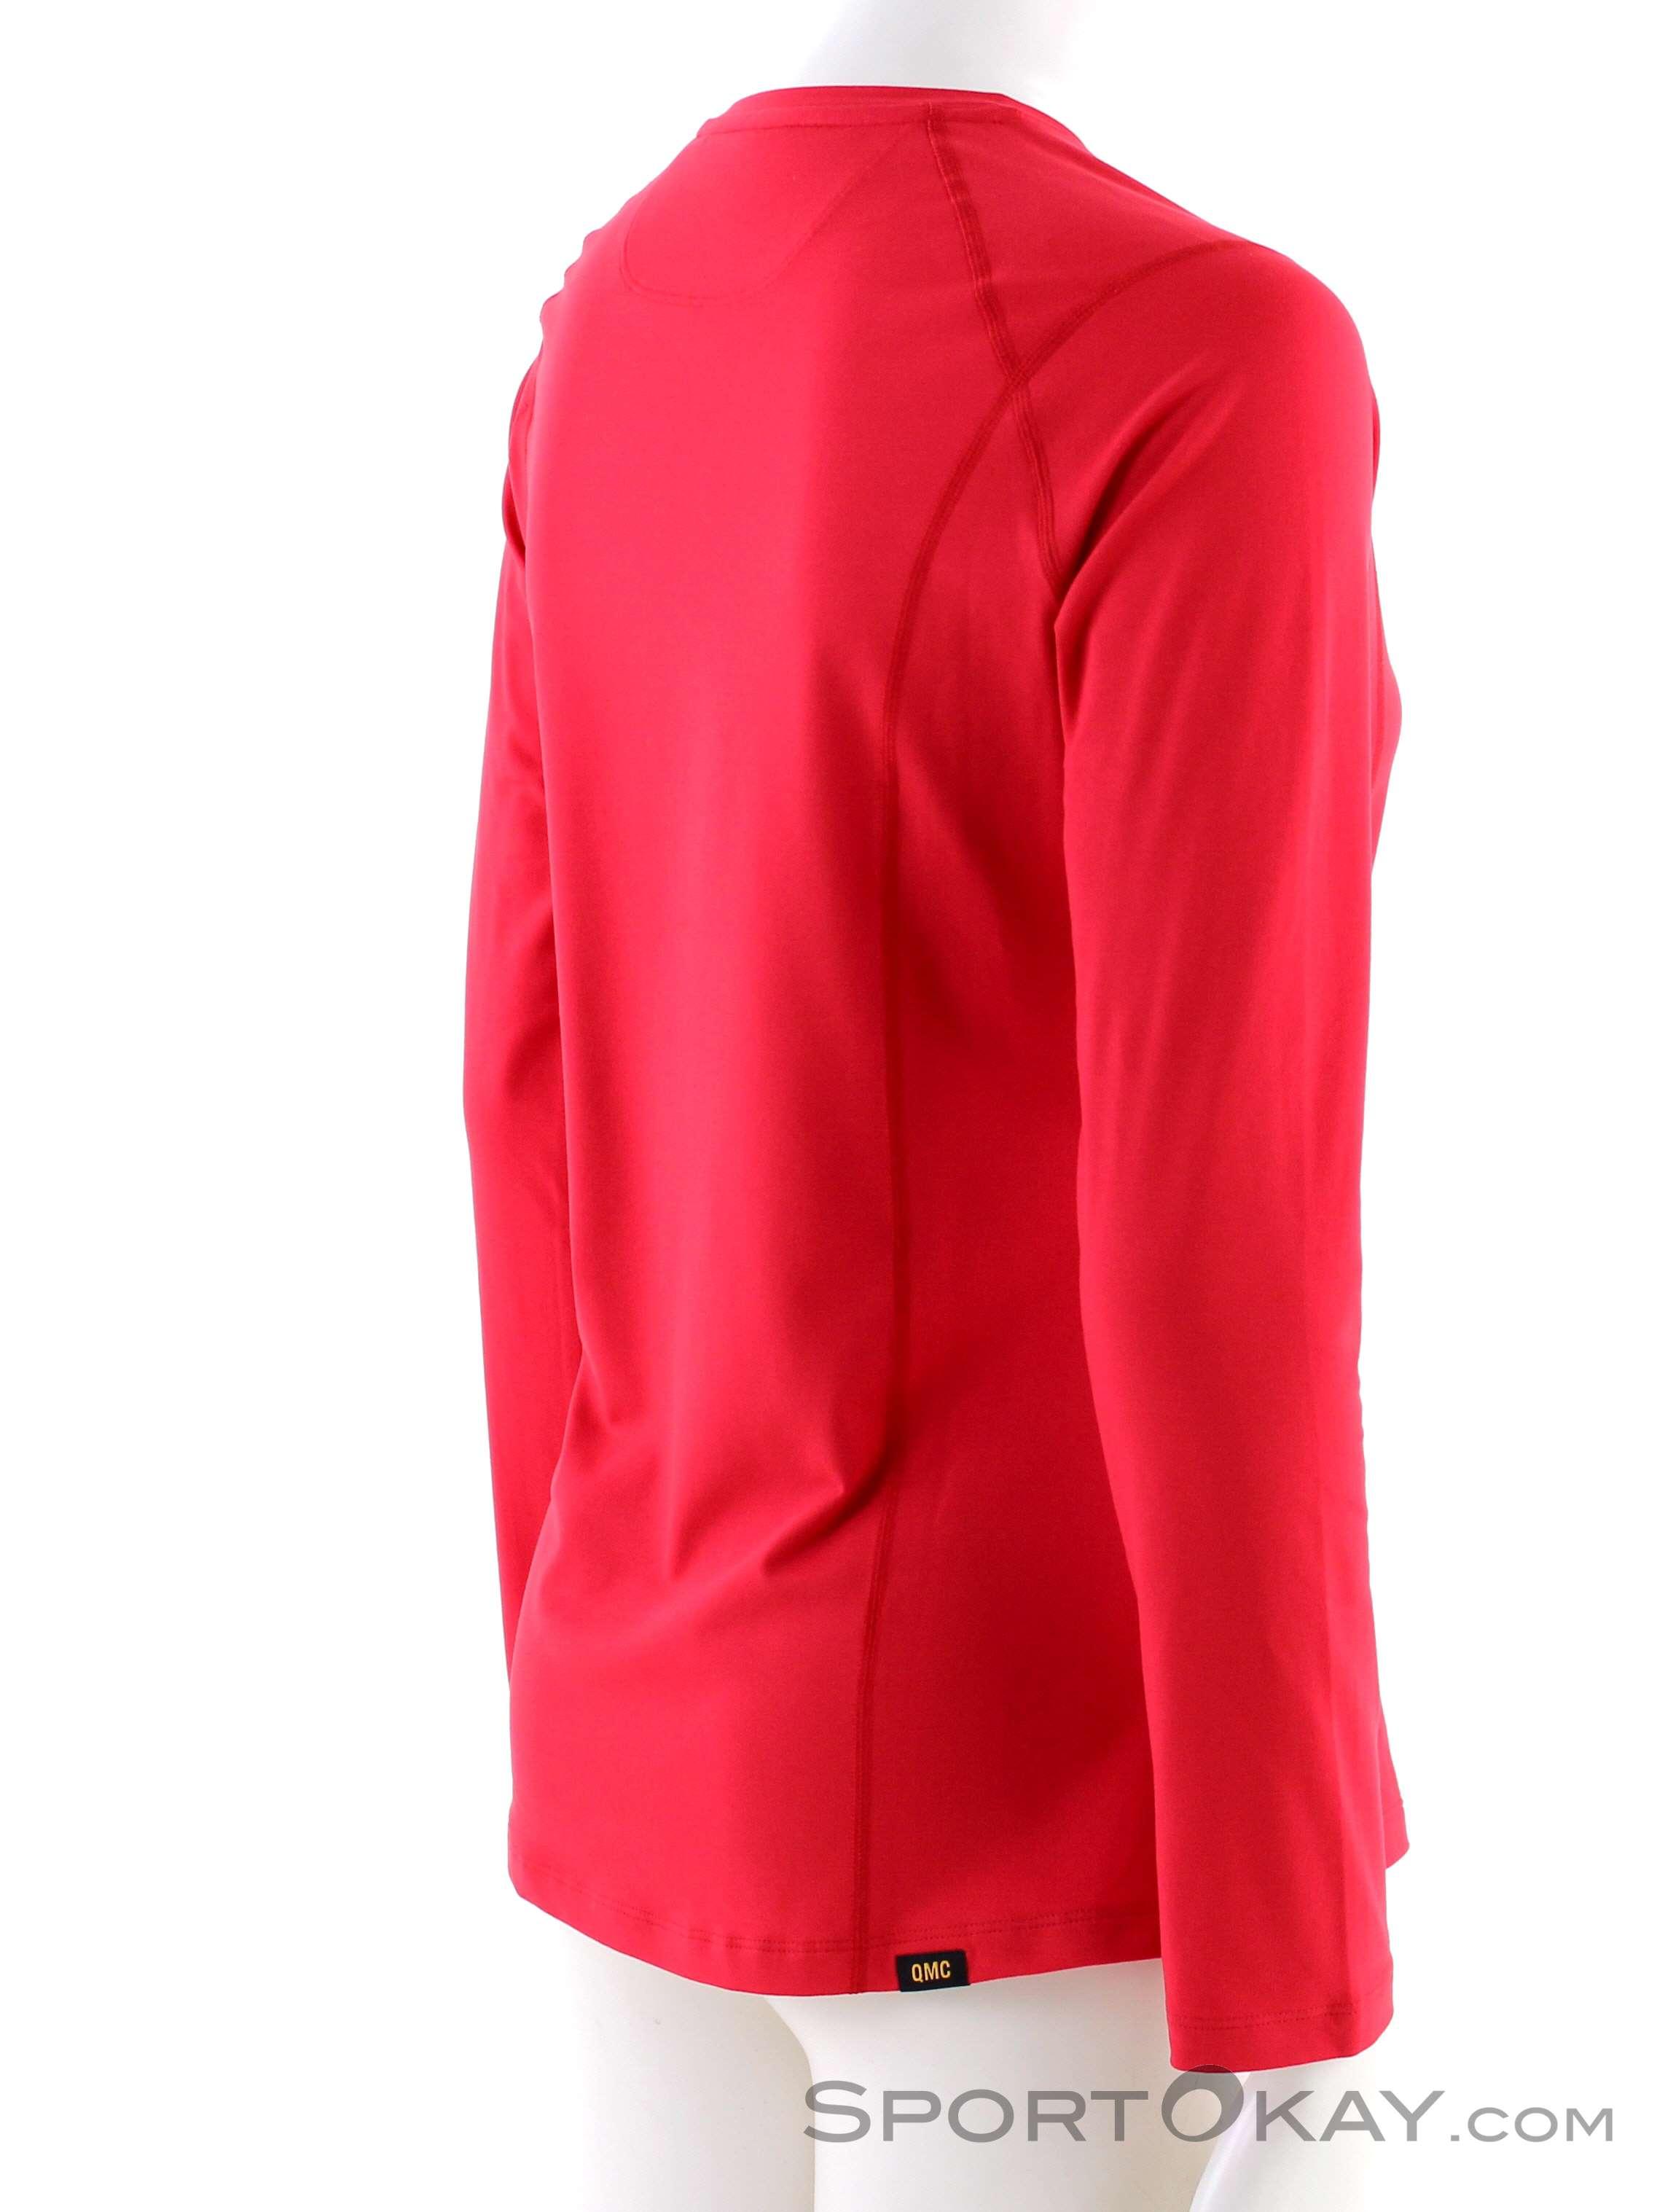 5825520446e0da Jack Wolfskin Hollow Range LS Womens Functional Shirt